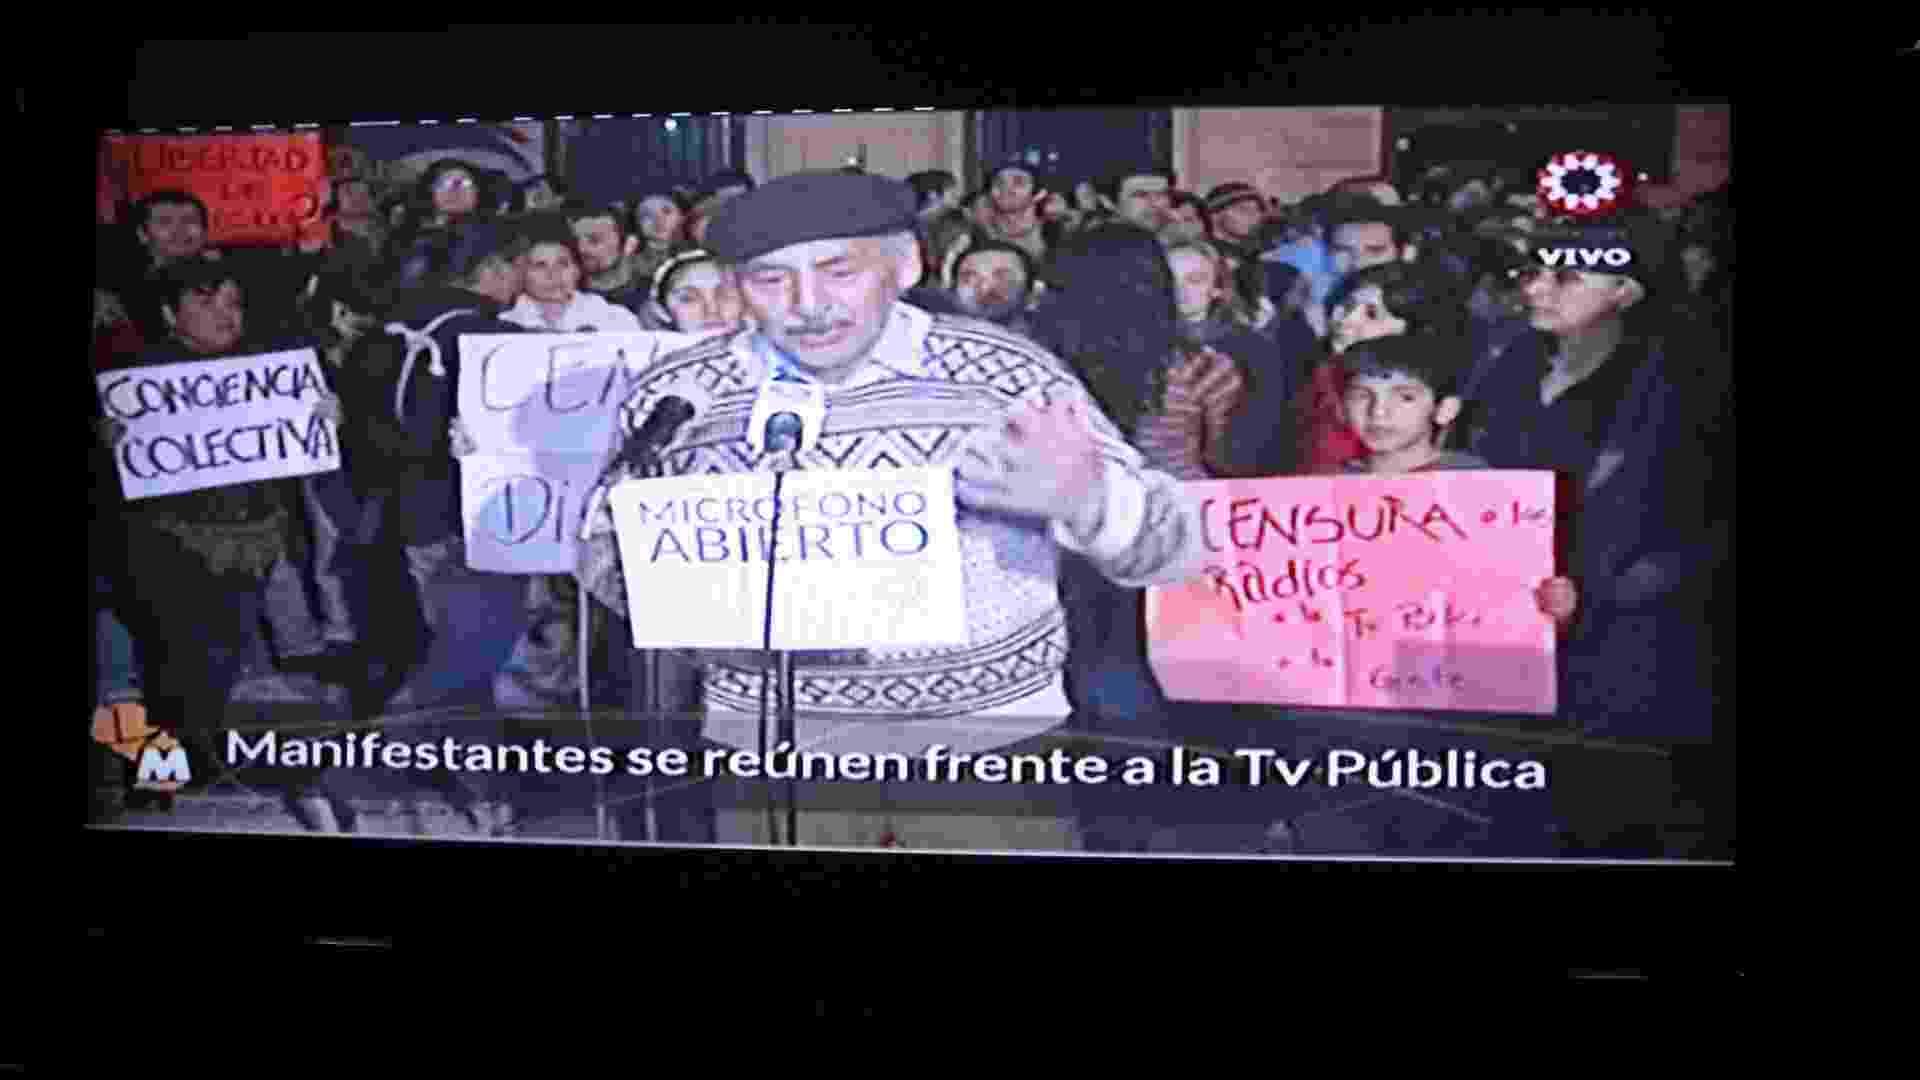 23.jun.2012 -A ?TV Publica? do Paraguai abriu o microfone para manifestantes expressarem suas opiniões a respeito do momento político vivido pelo país após a deposição de Fernando Lugo. As declarações estão sendo transmitidas ao vivo pela emissora, que é pública e foi criada em 2011 por Fernando Lugo, para todo o país - Derek Sismotto/UOL